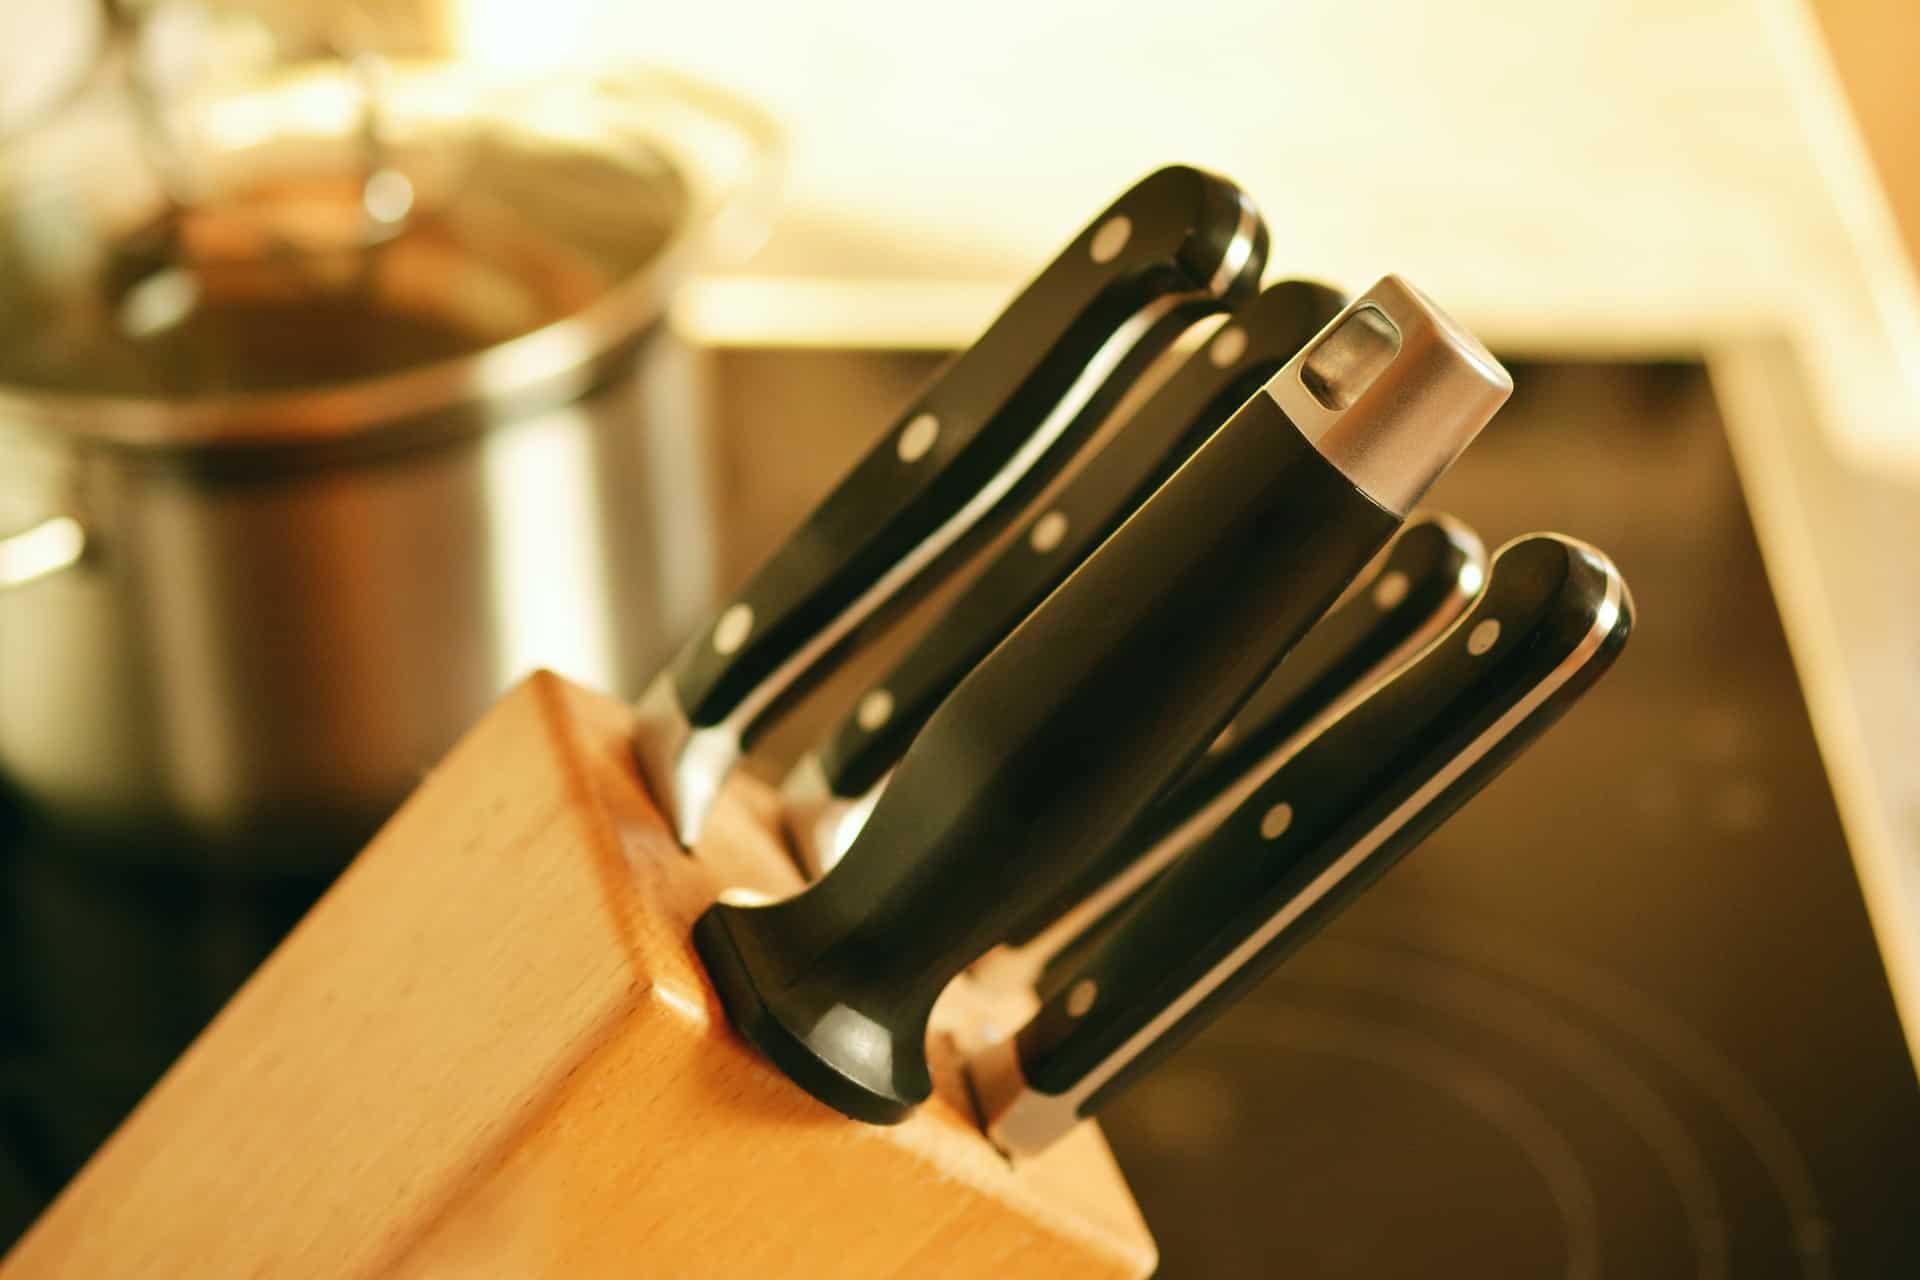 Messerblock ohne Messer: Test & Empfehlungen (05/20)